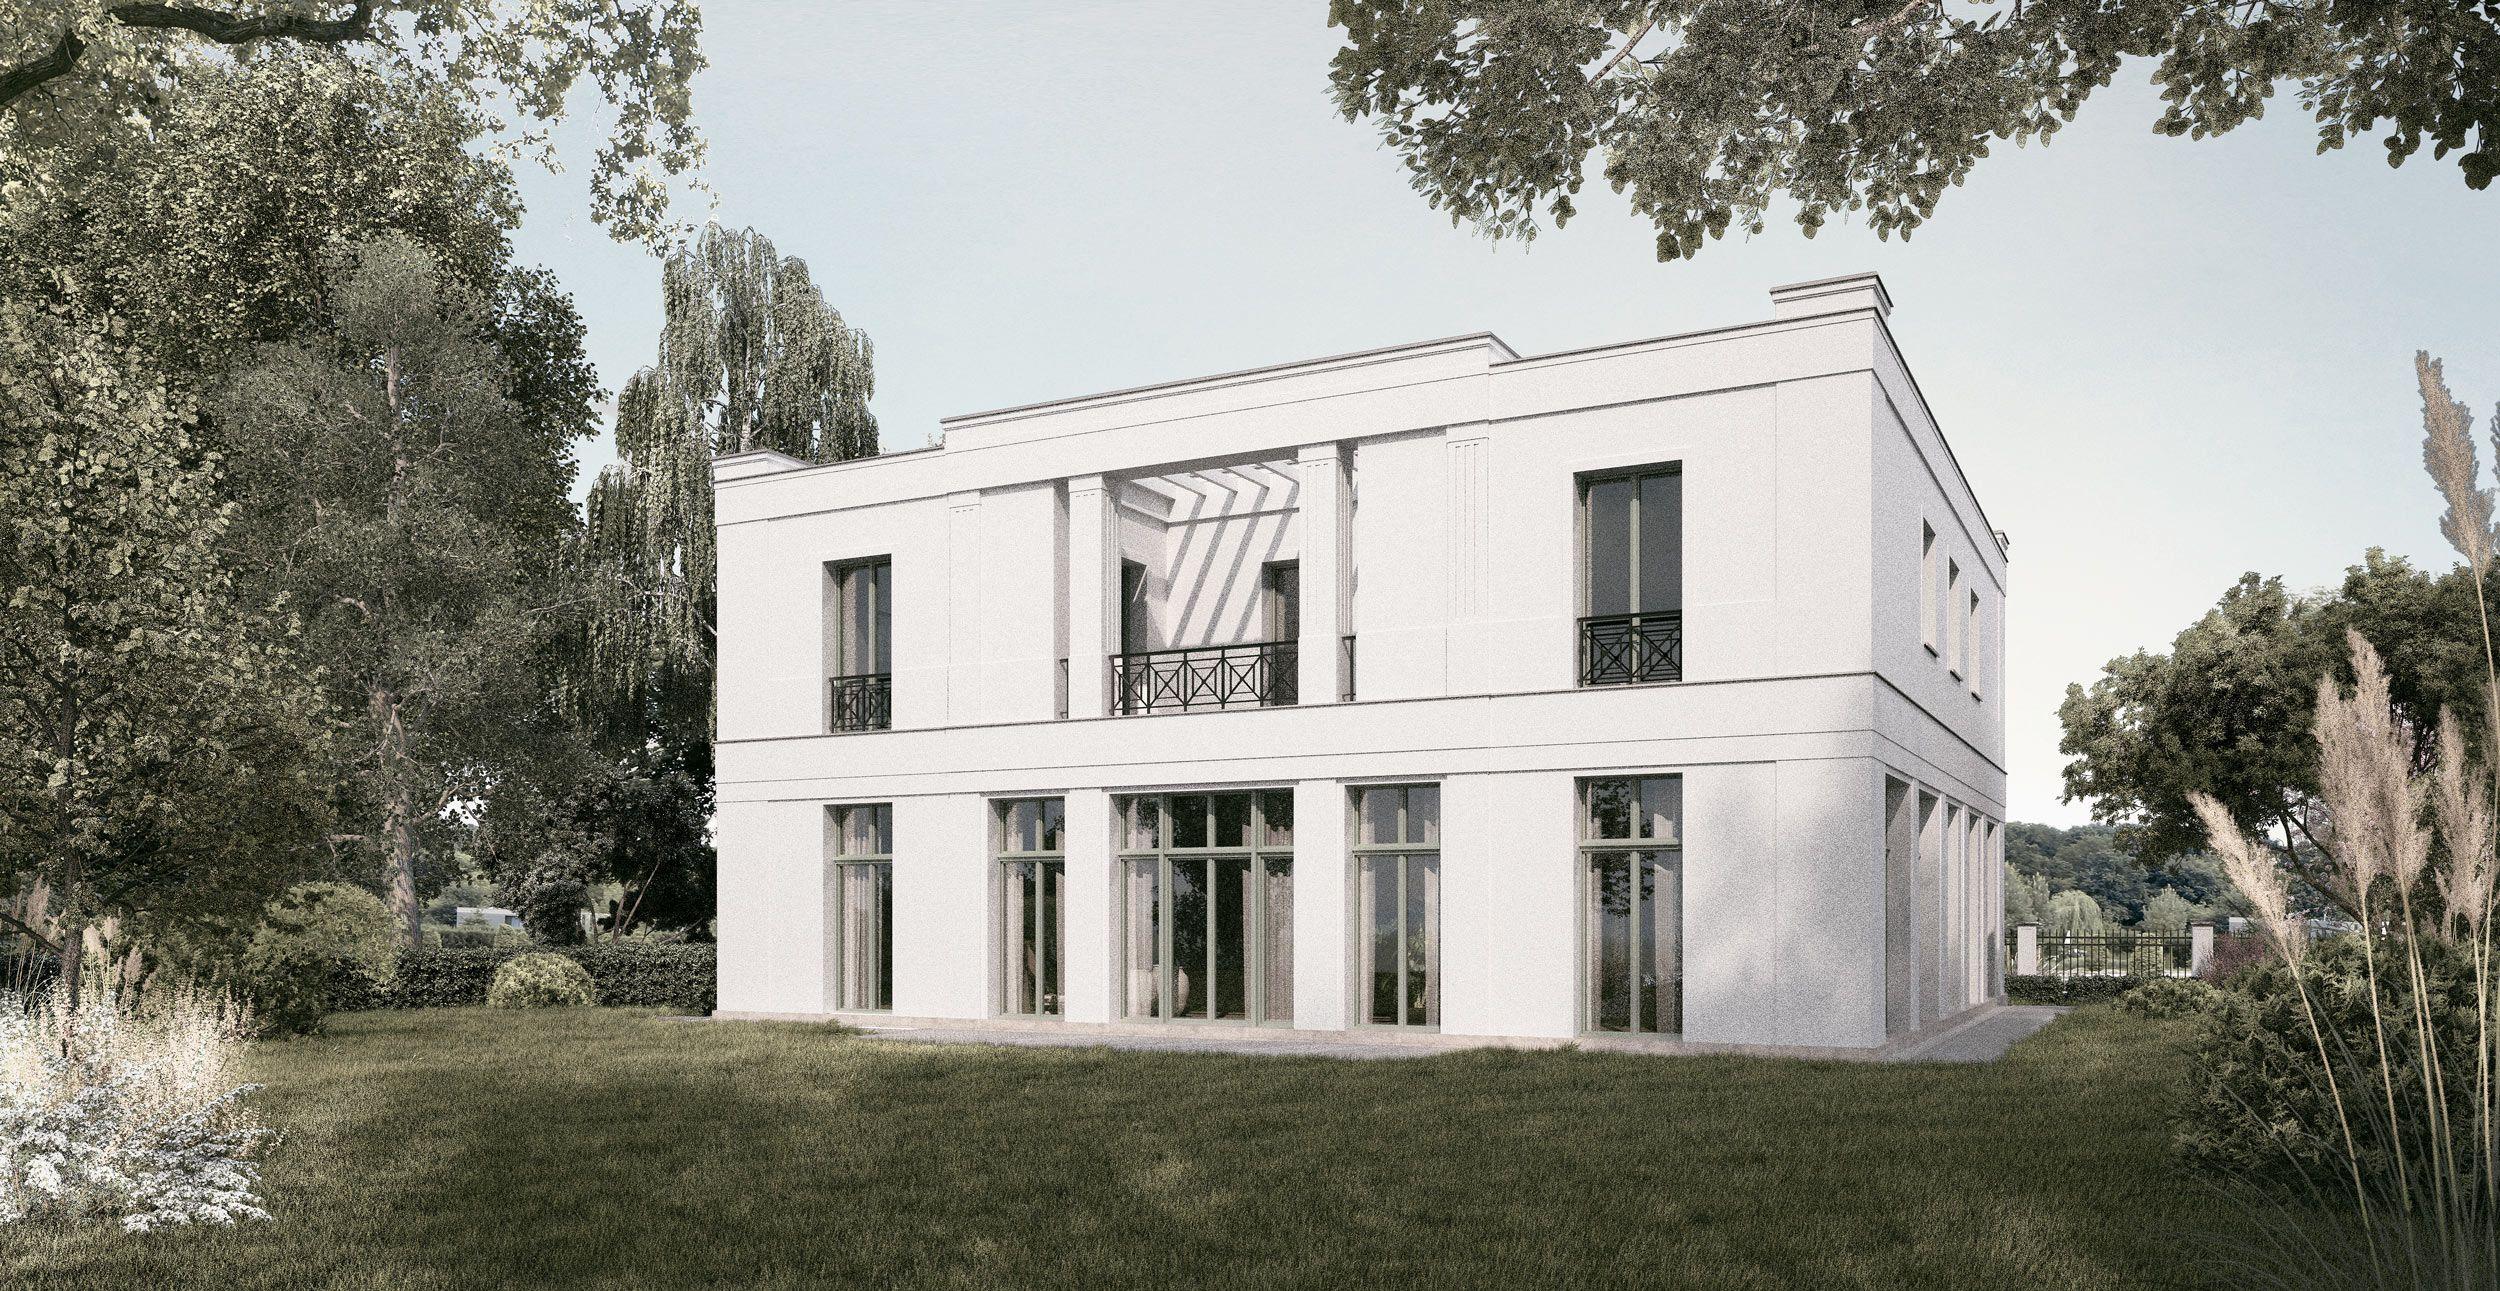 Astounding Architekten In Berlin Foto Von Neubau Einer Klassischen Villa Mit - Vogel